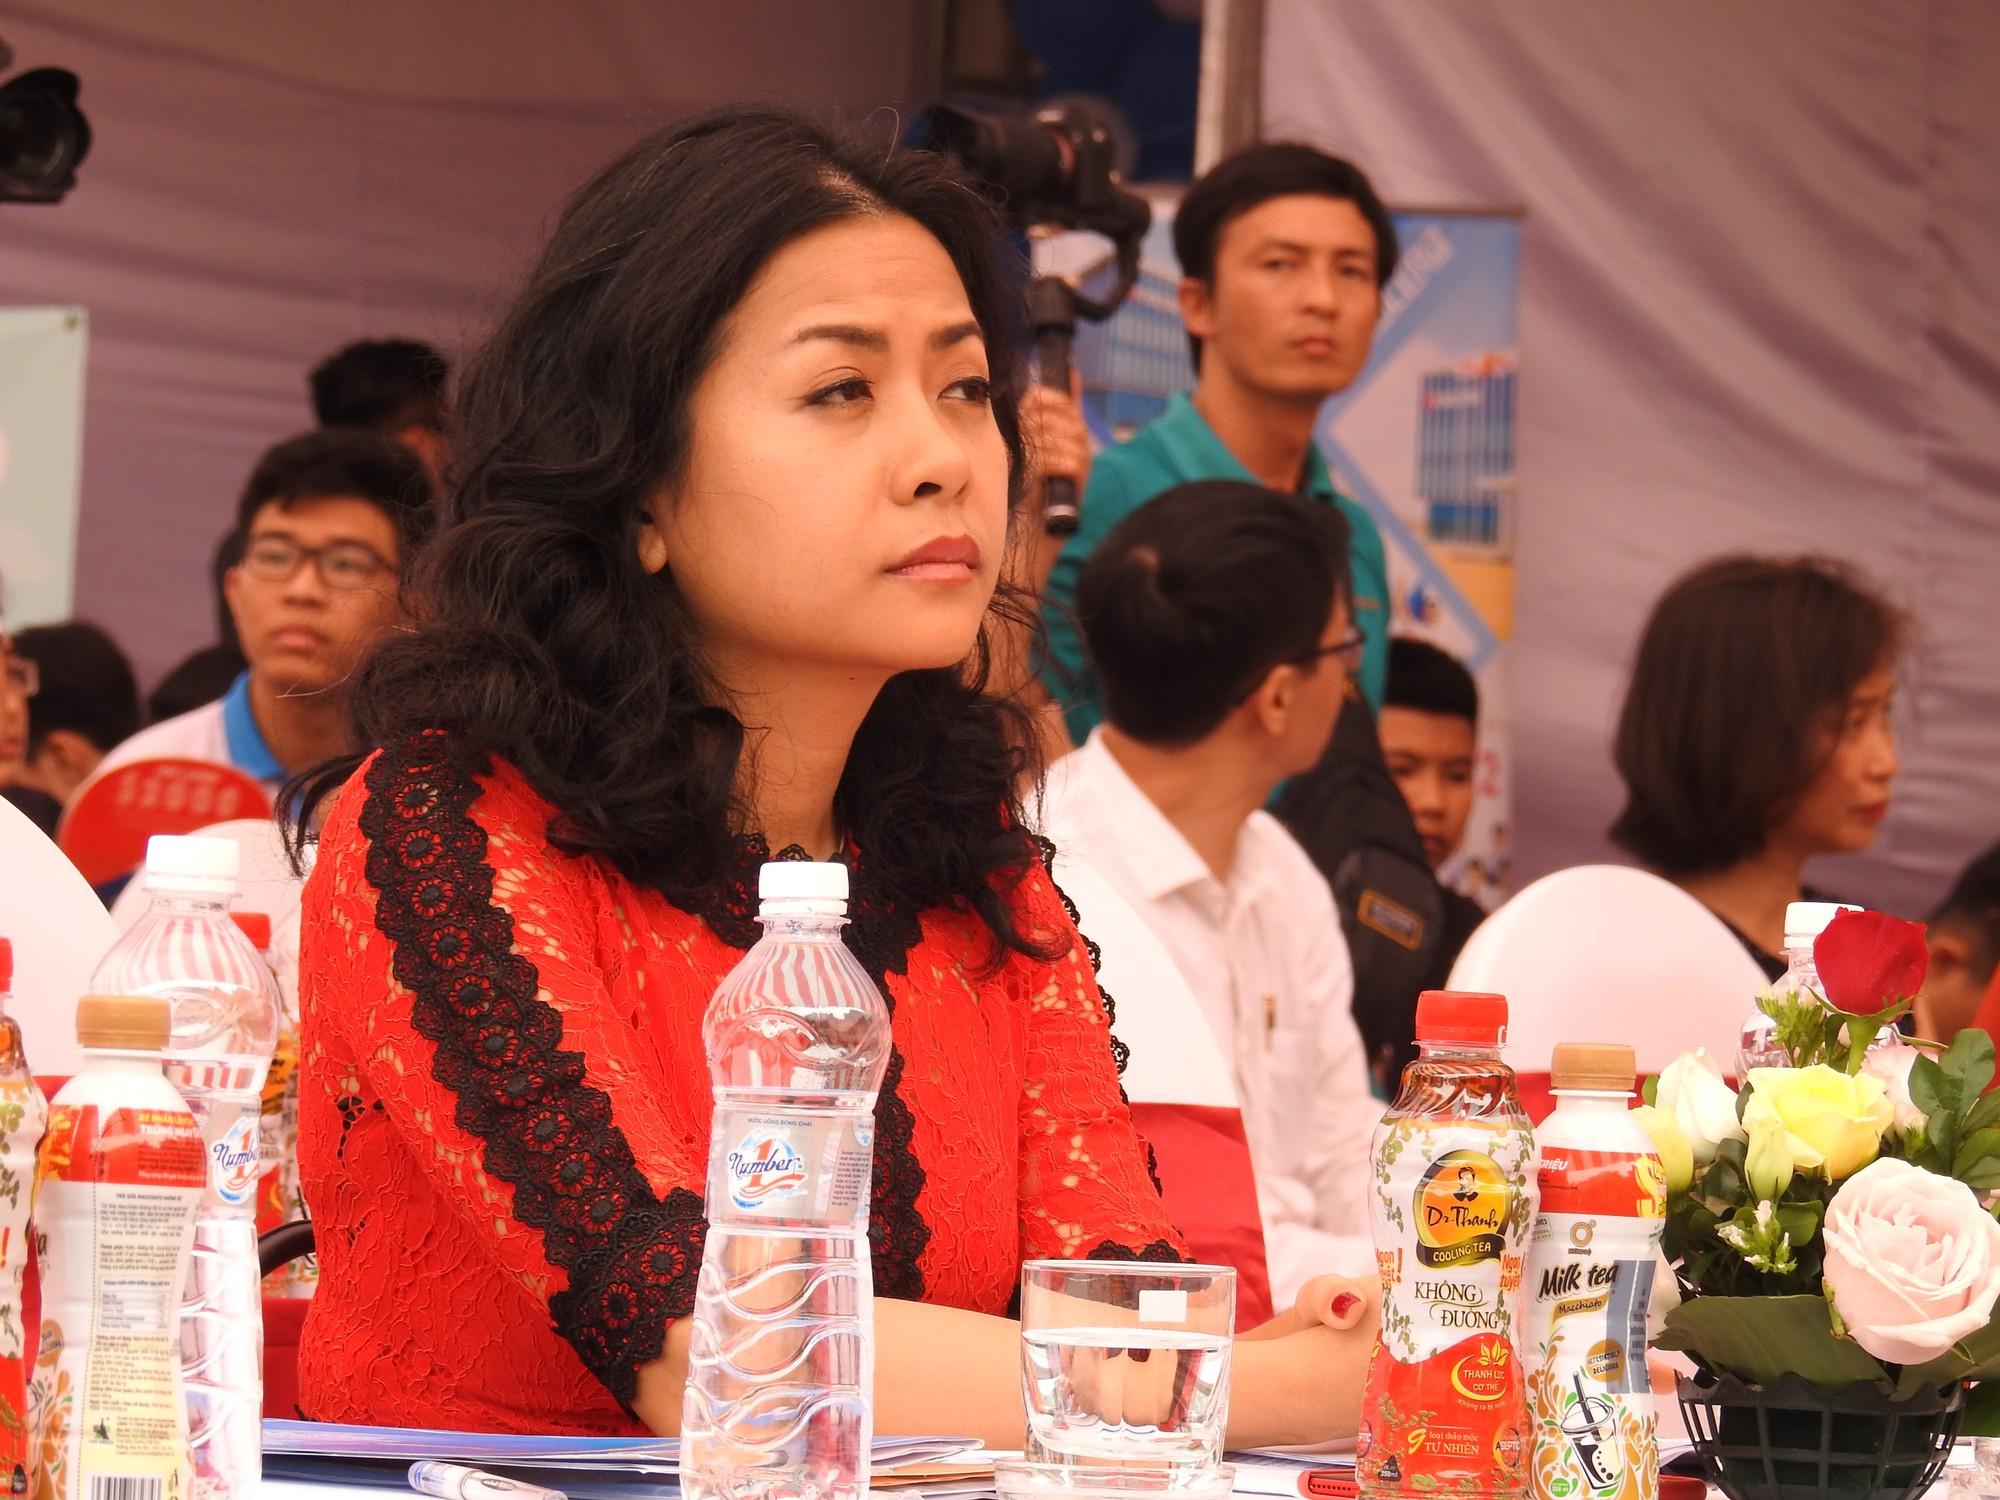 Bà Trần Uyên Phương: Giai đoạn thực tập chính là lúc chúng ta bắt đầu và không còn thời gian để bỏ phí - Ảnh 1.